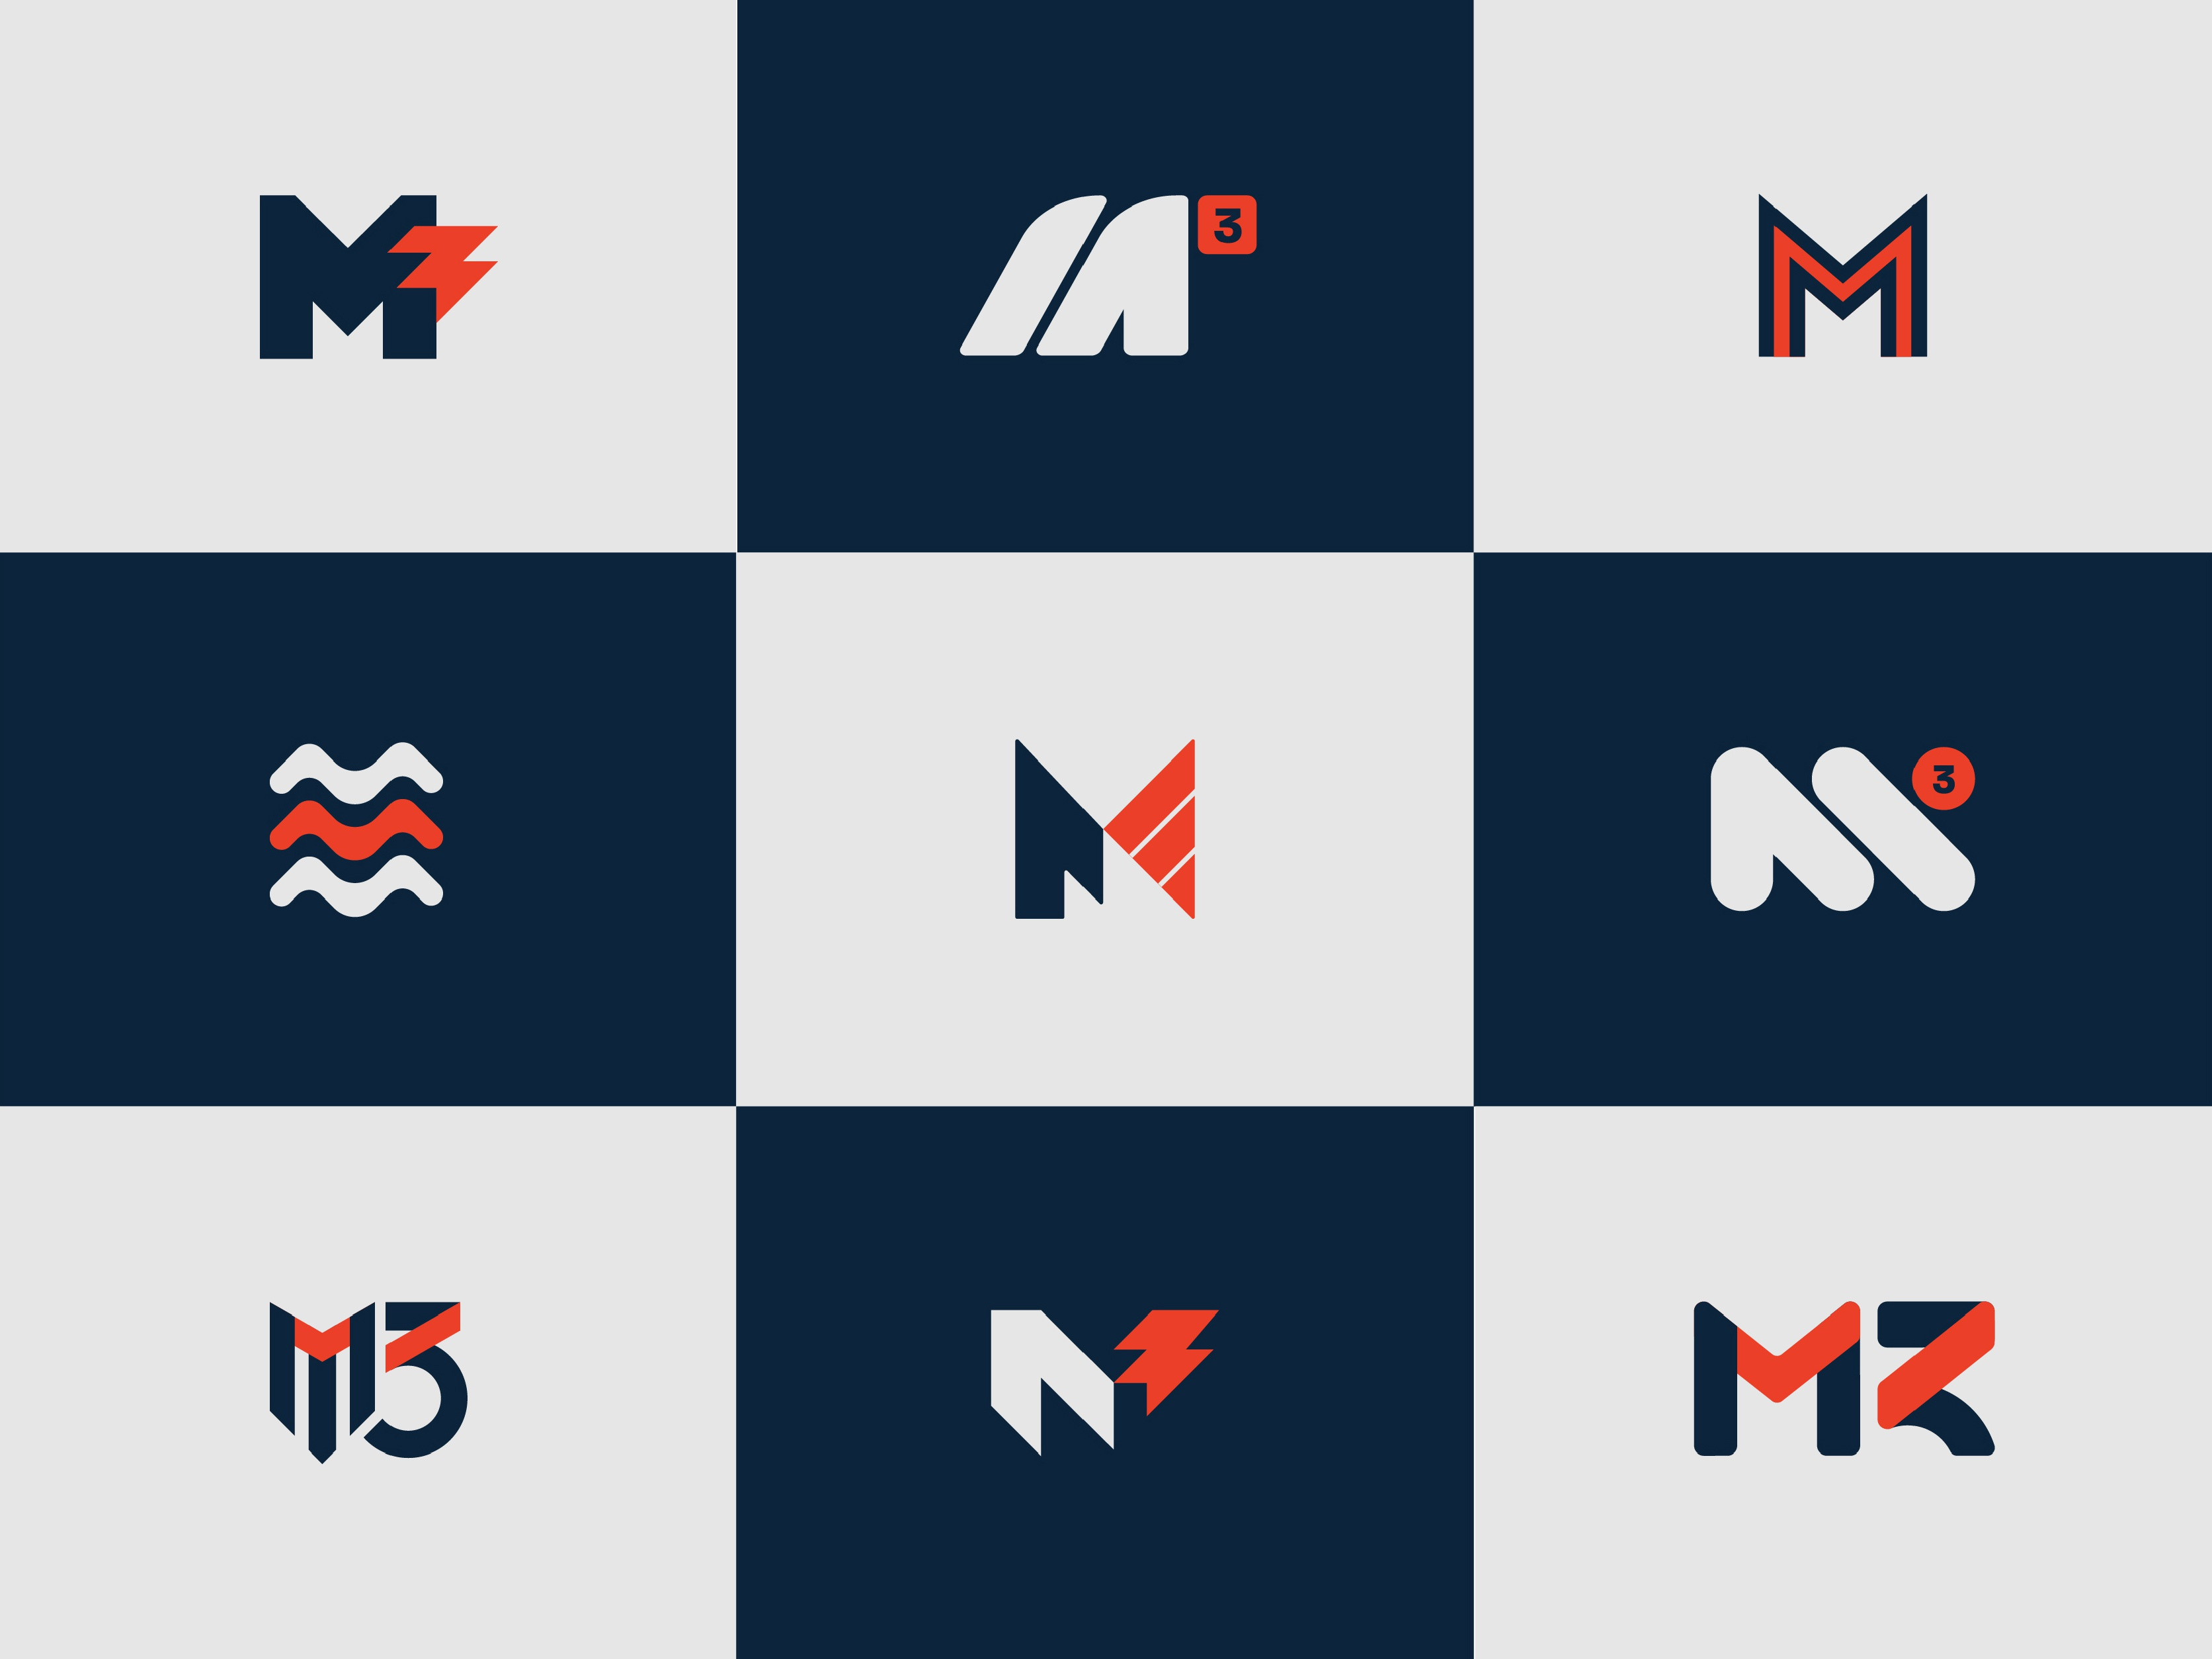 M3 concepts